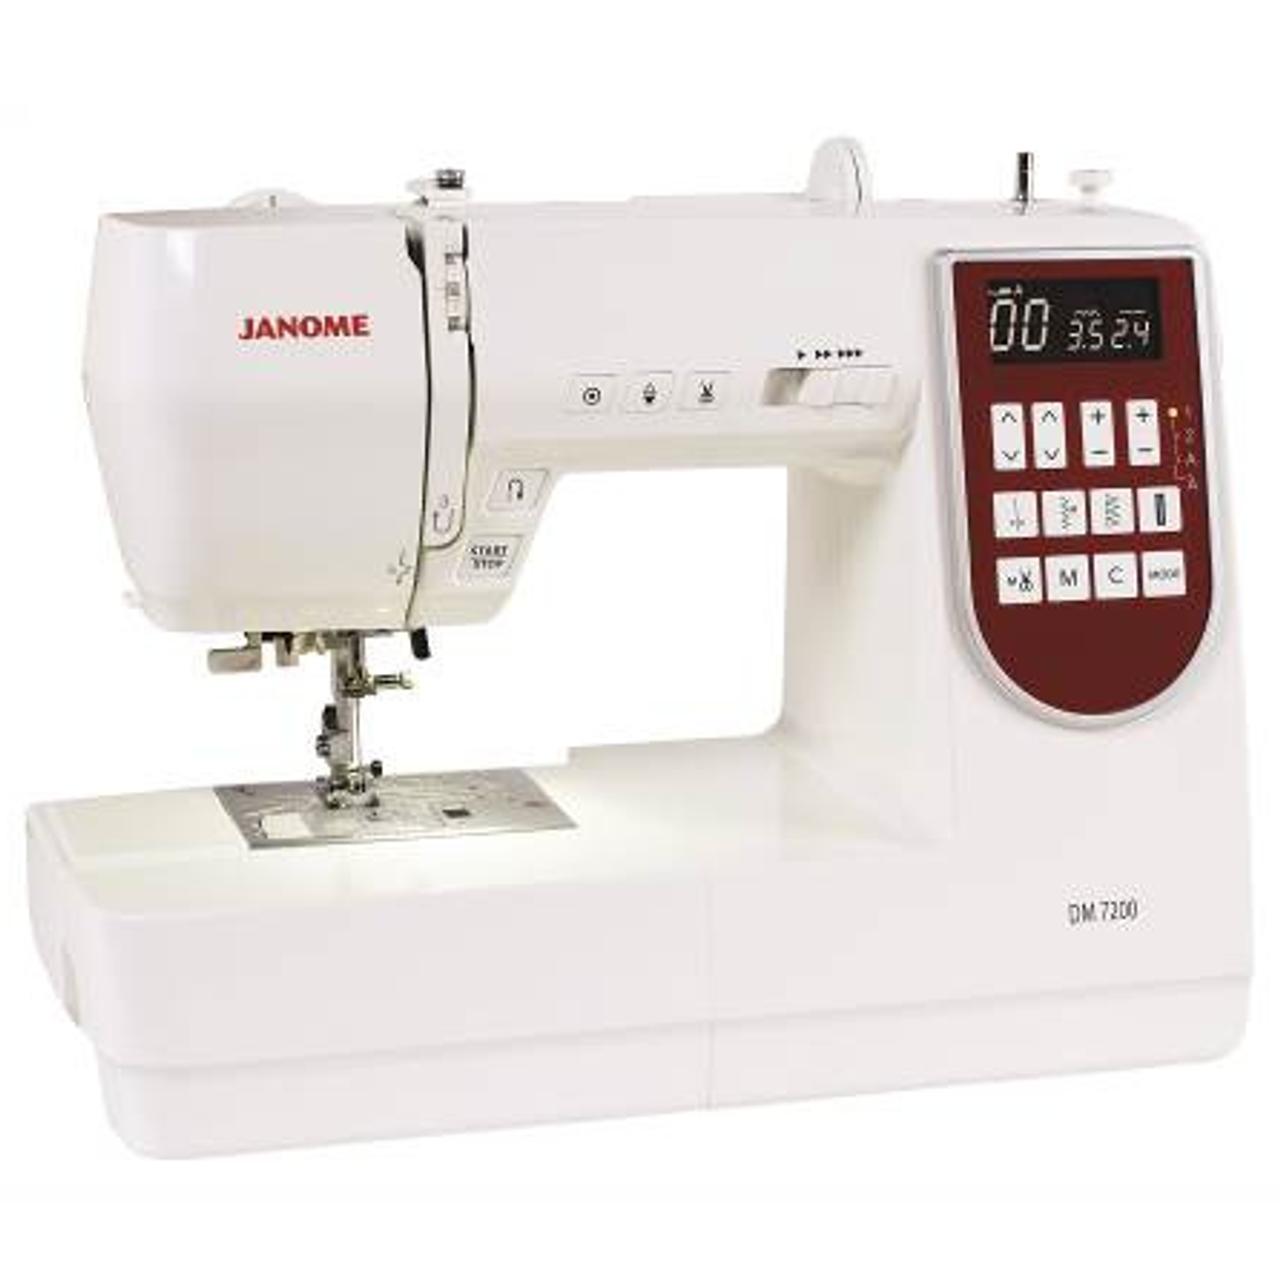 Janome DM7200